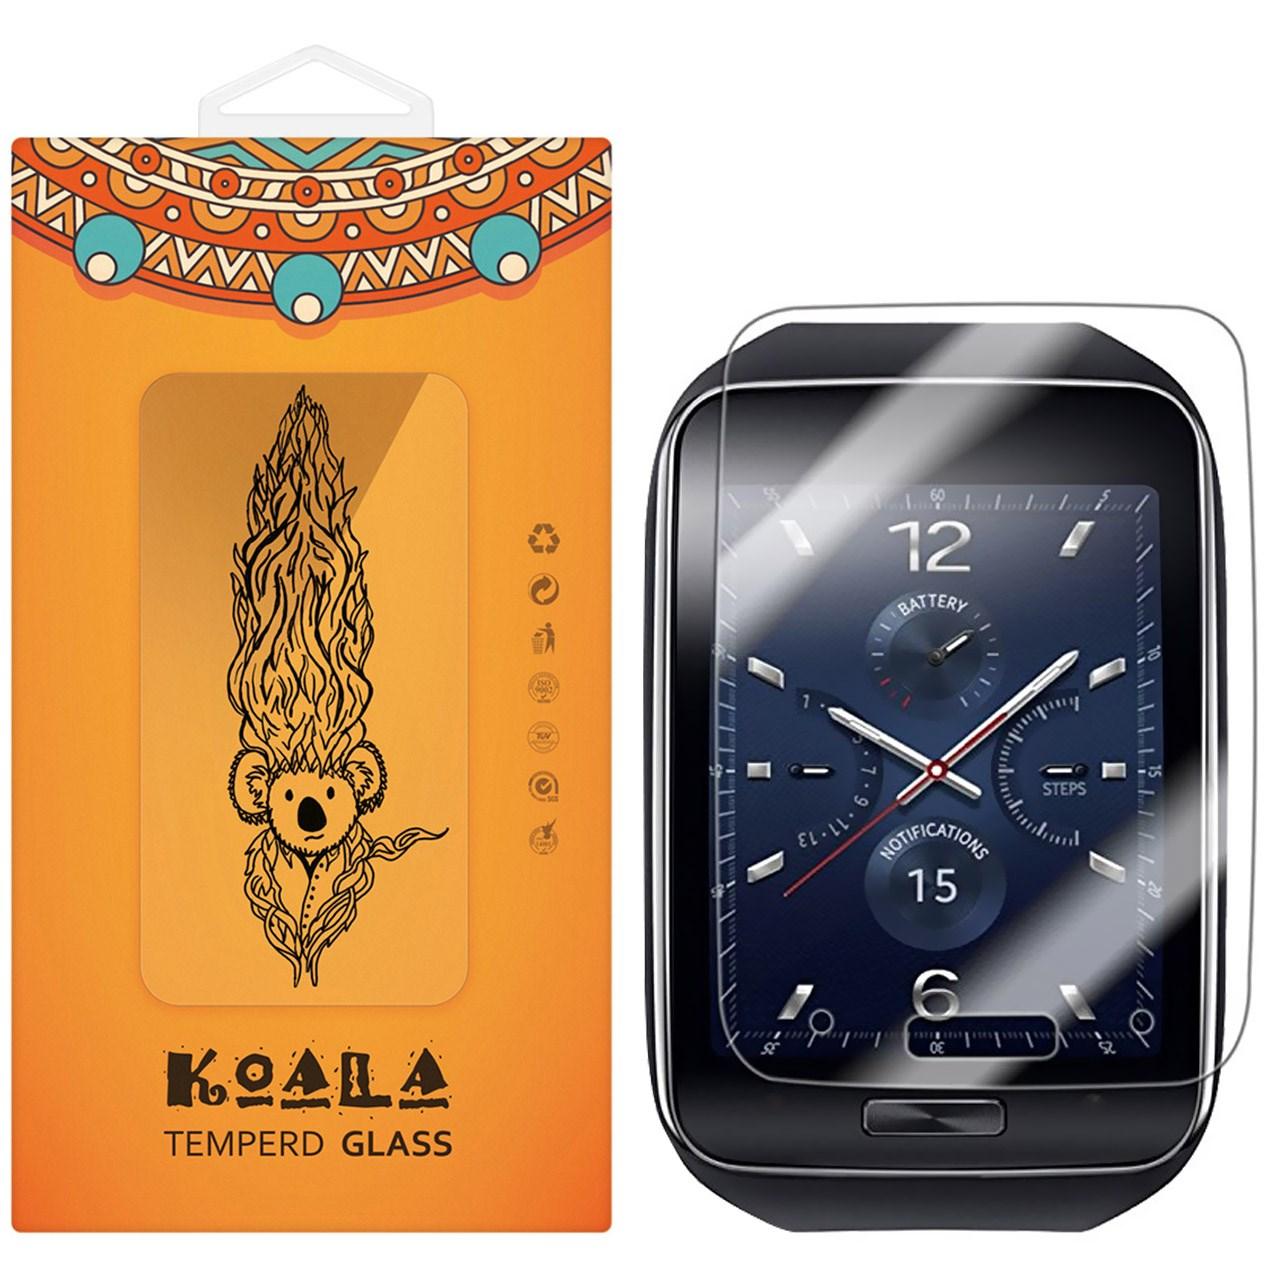 محافظ صفحه نمایش شیشه ای کوالا مدل تمپرد مناسب برای ساعت هوشمند سامسونگ مدل Gear S